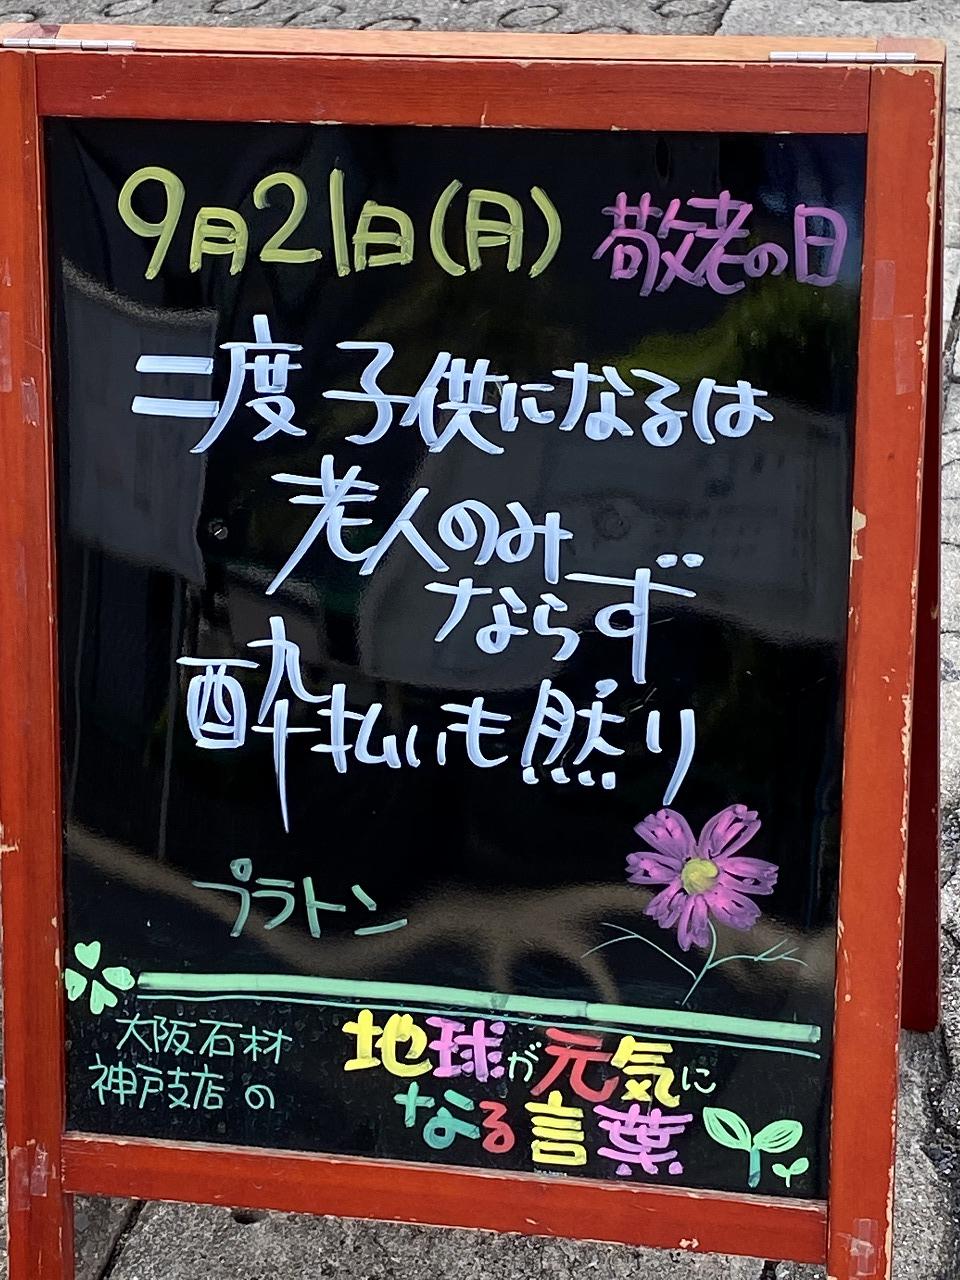 神戸市東灘区御影塚町にある石のお店 大阪石材神戸支店の店舗前にあるブラックボードのPOP「地球が元気になる言葉」9/21